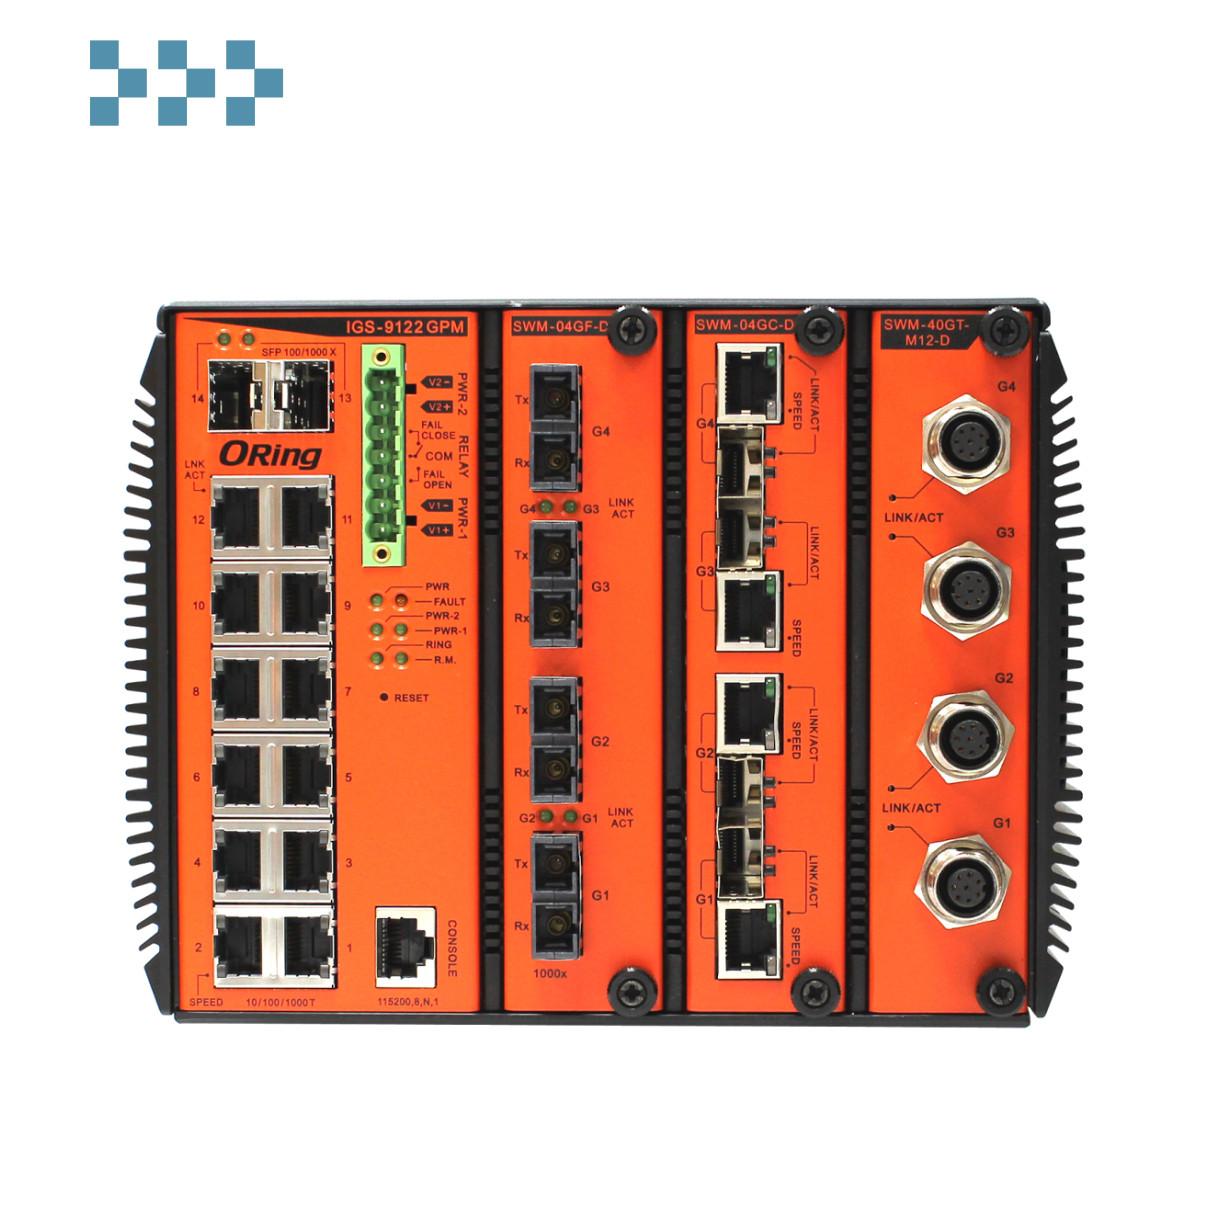 Промышленный коммутатор ORing IGS-9122GPM